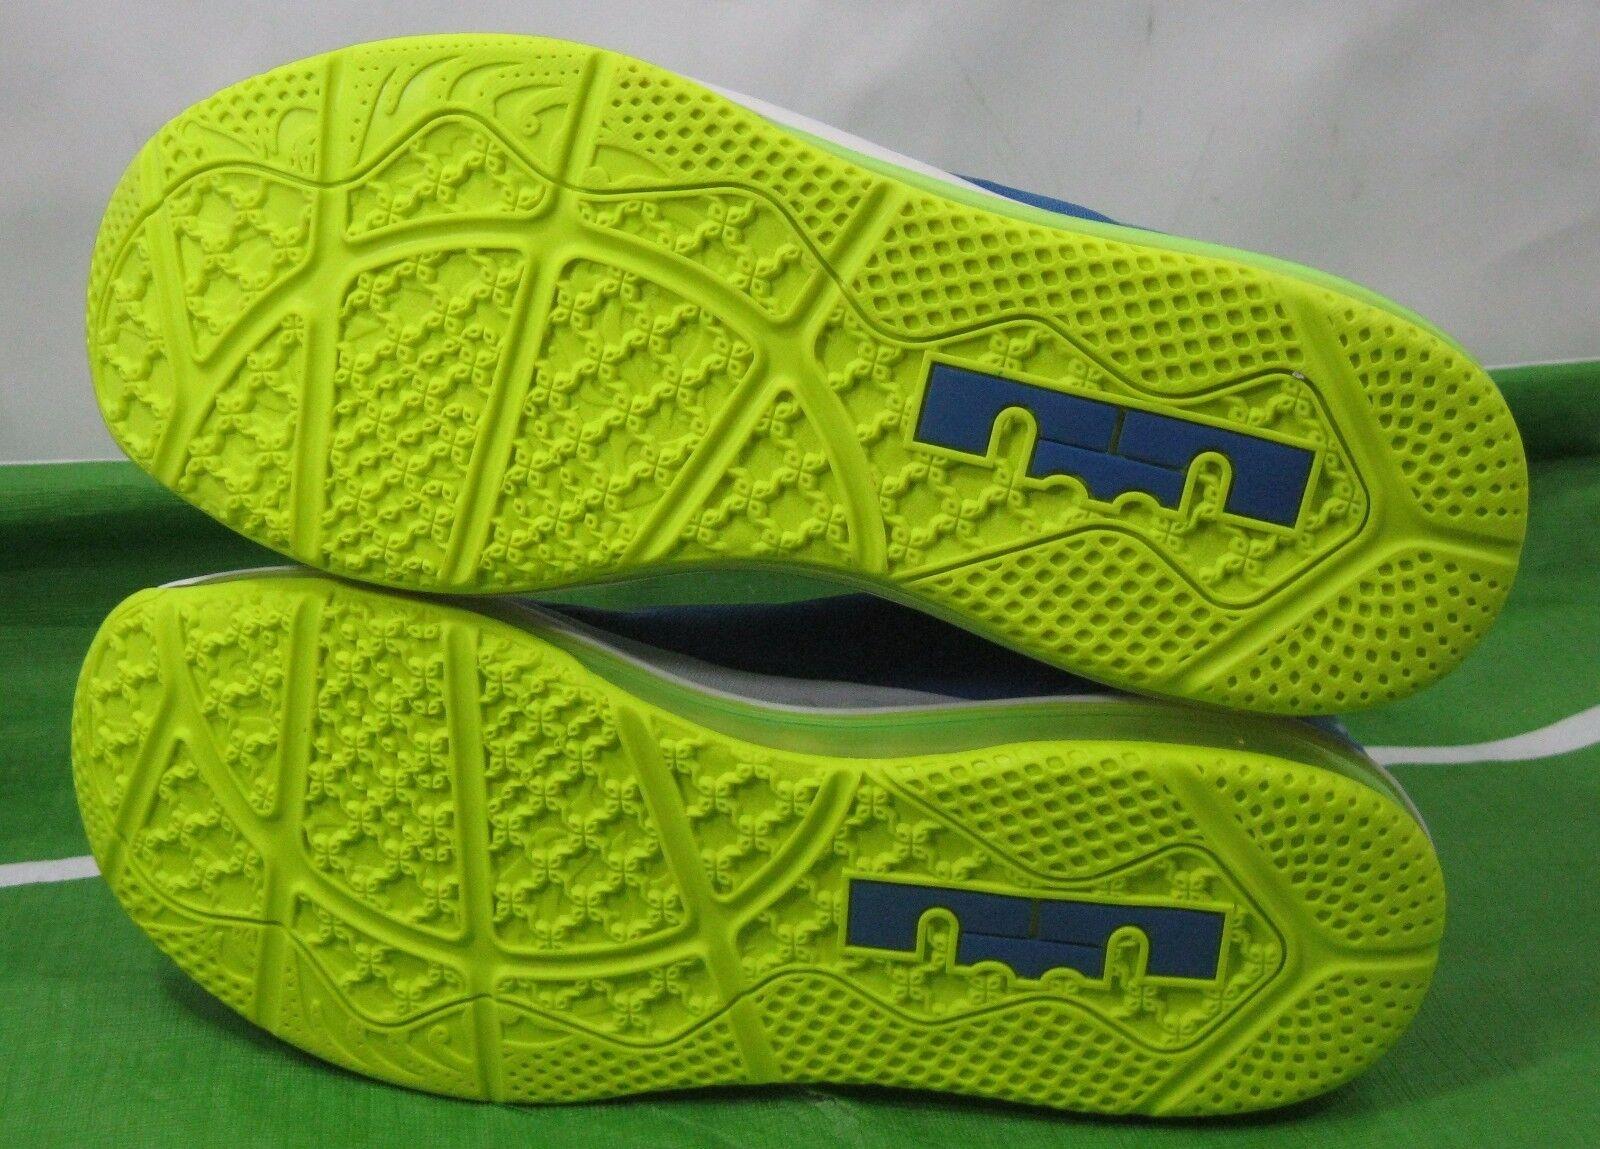 Nike Air Max Lebron Xi Low Sprite Hyper Hyper Hyper Cobalt Volt Blau 642849 471 Größe 11.5 67a2bd